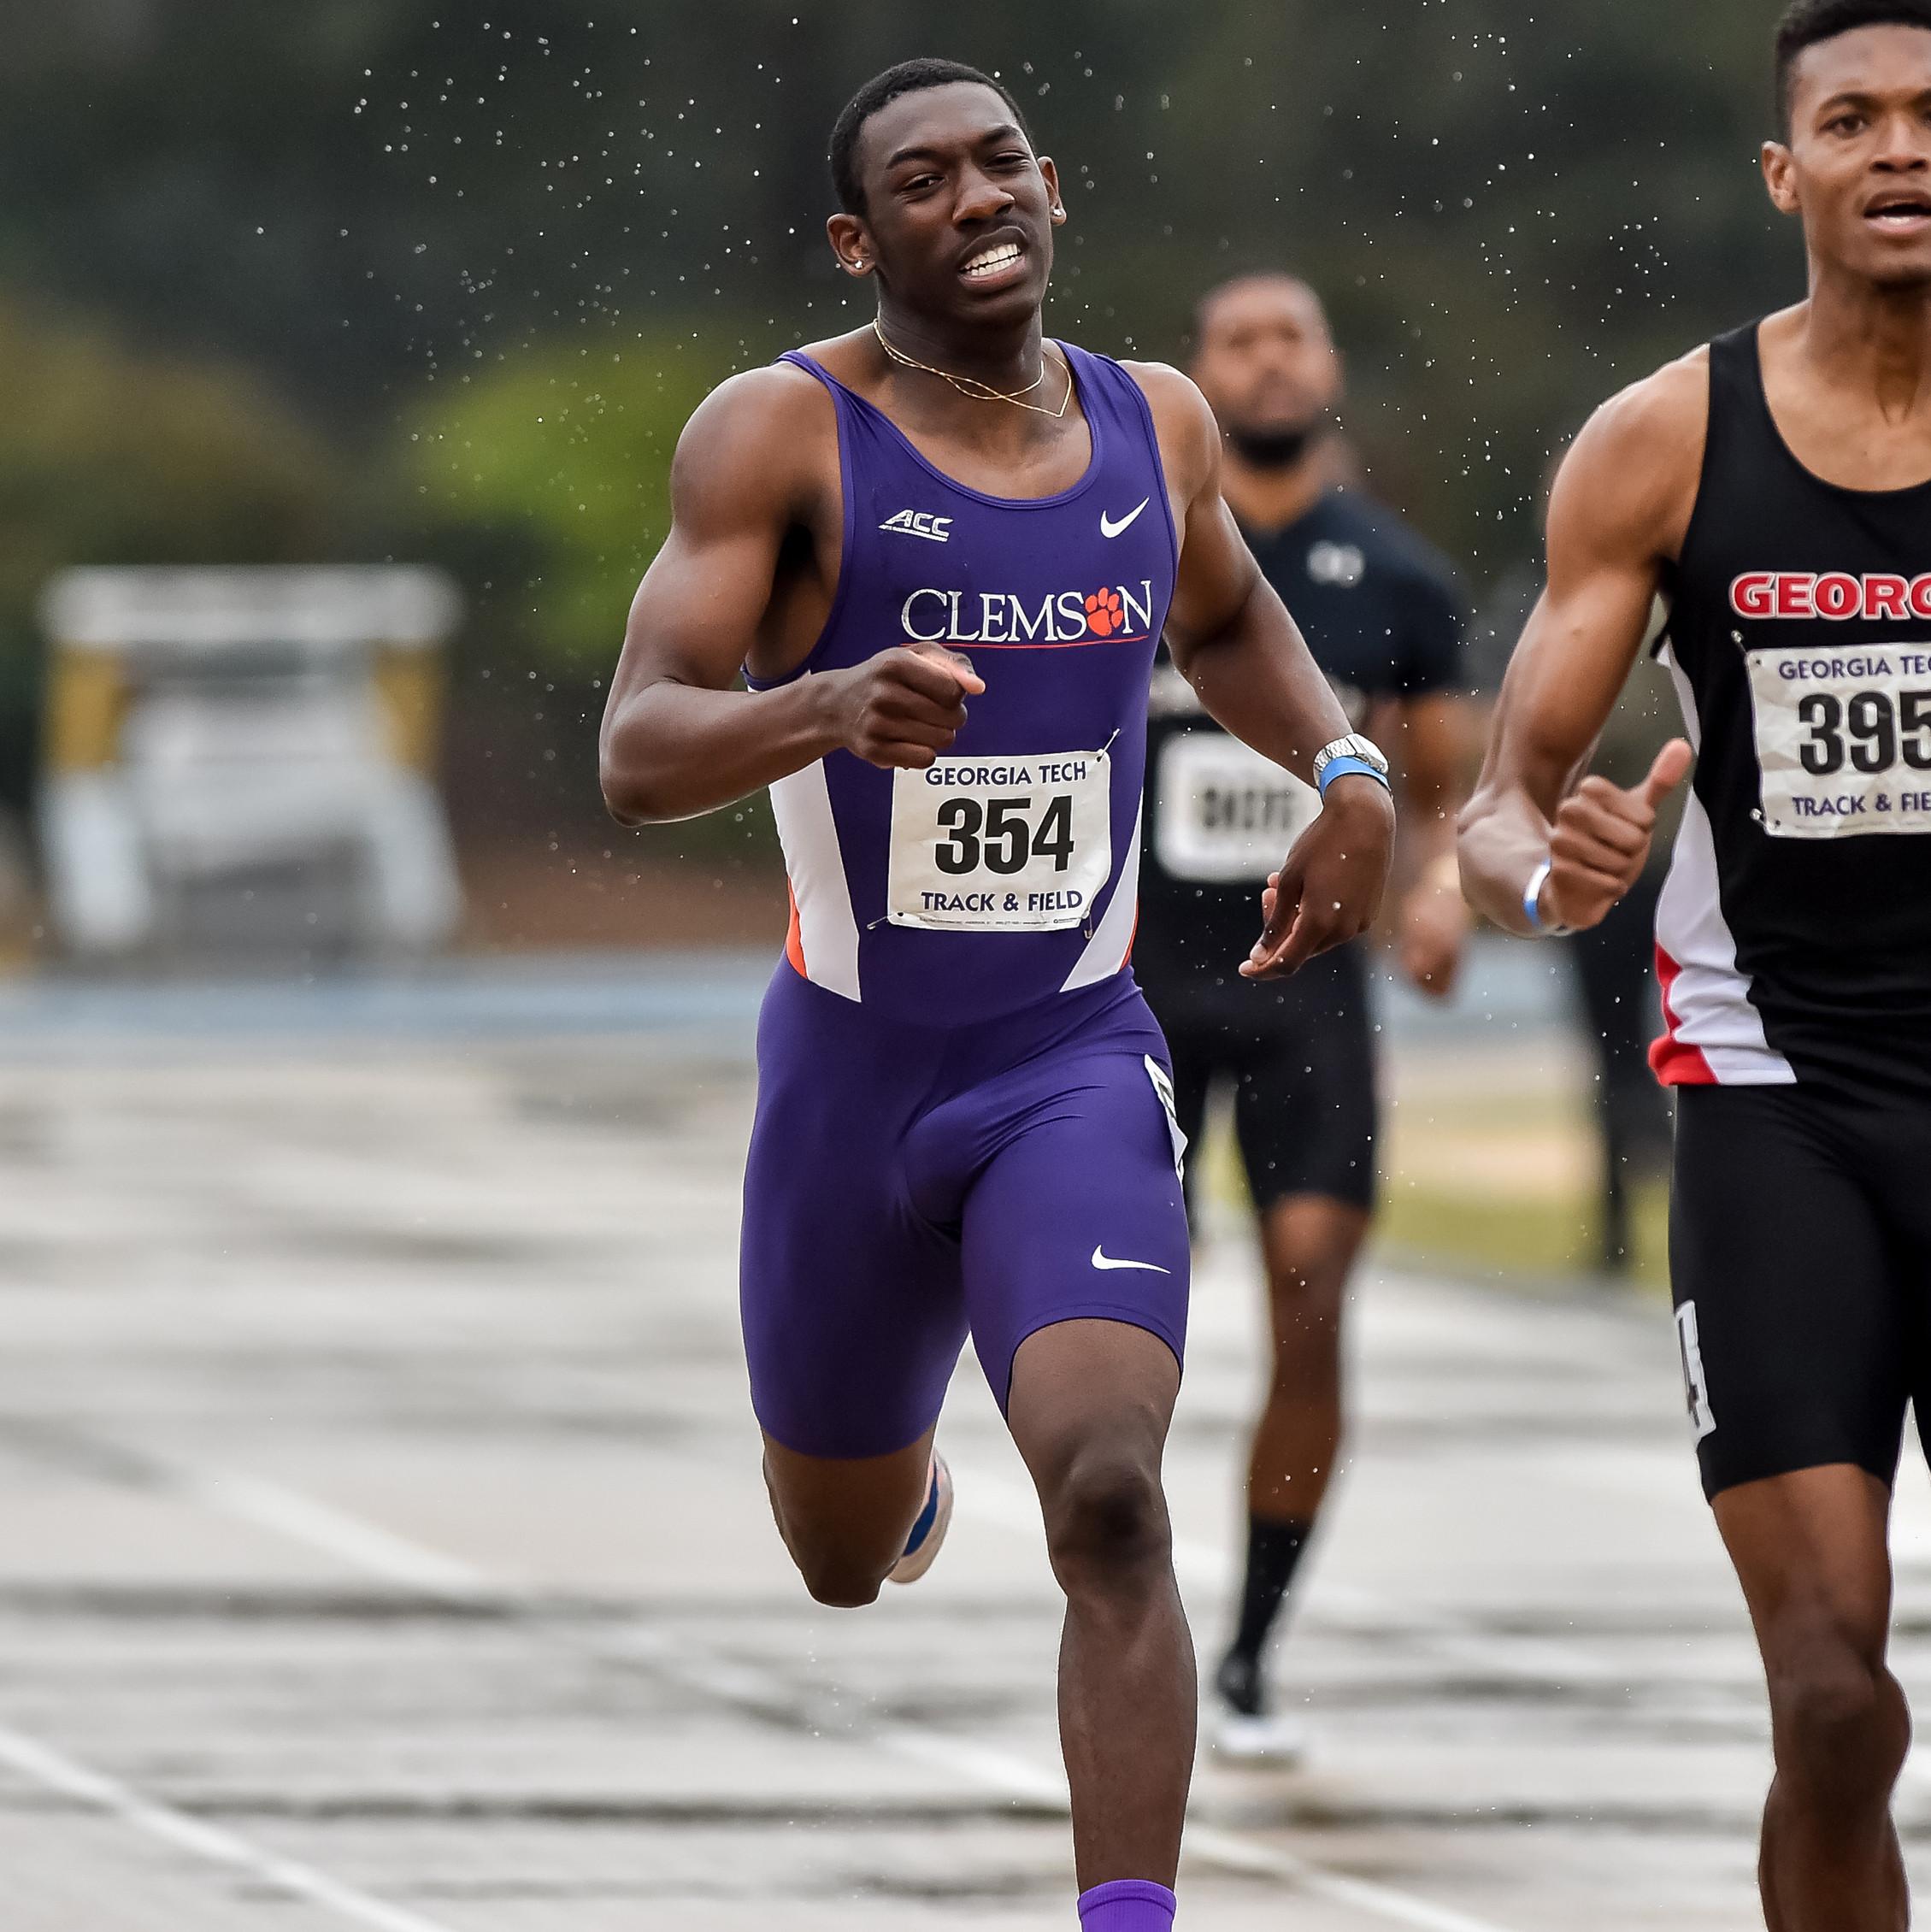 Green, 800 Runners Highlight Hurricane Invite